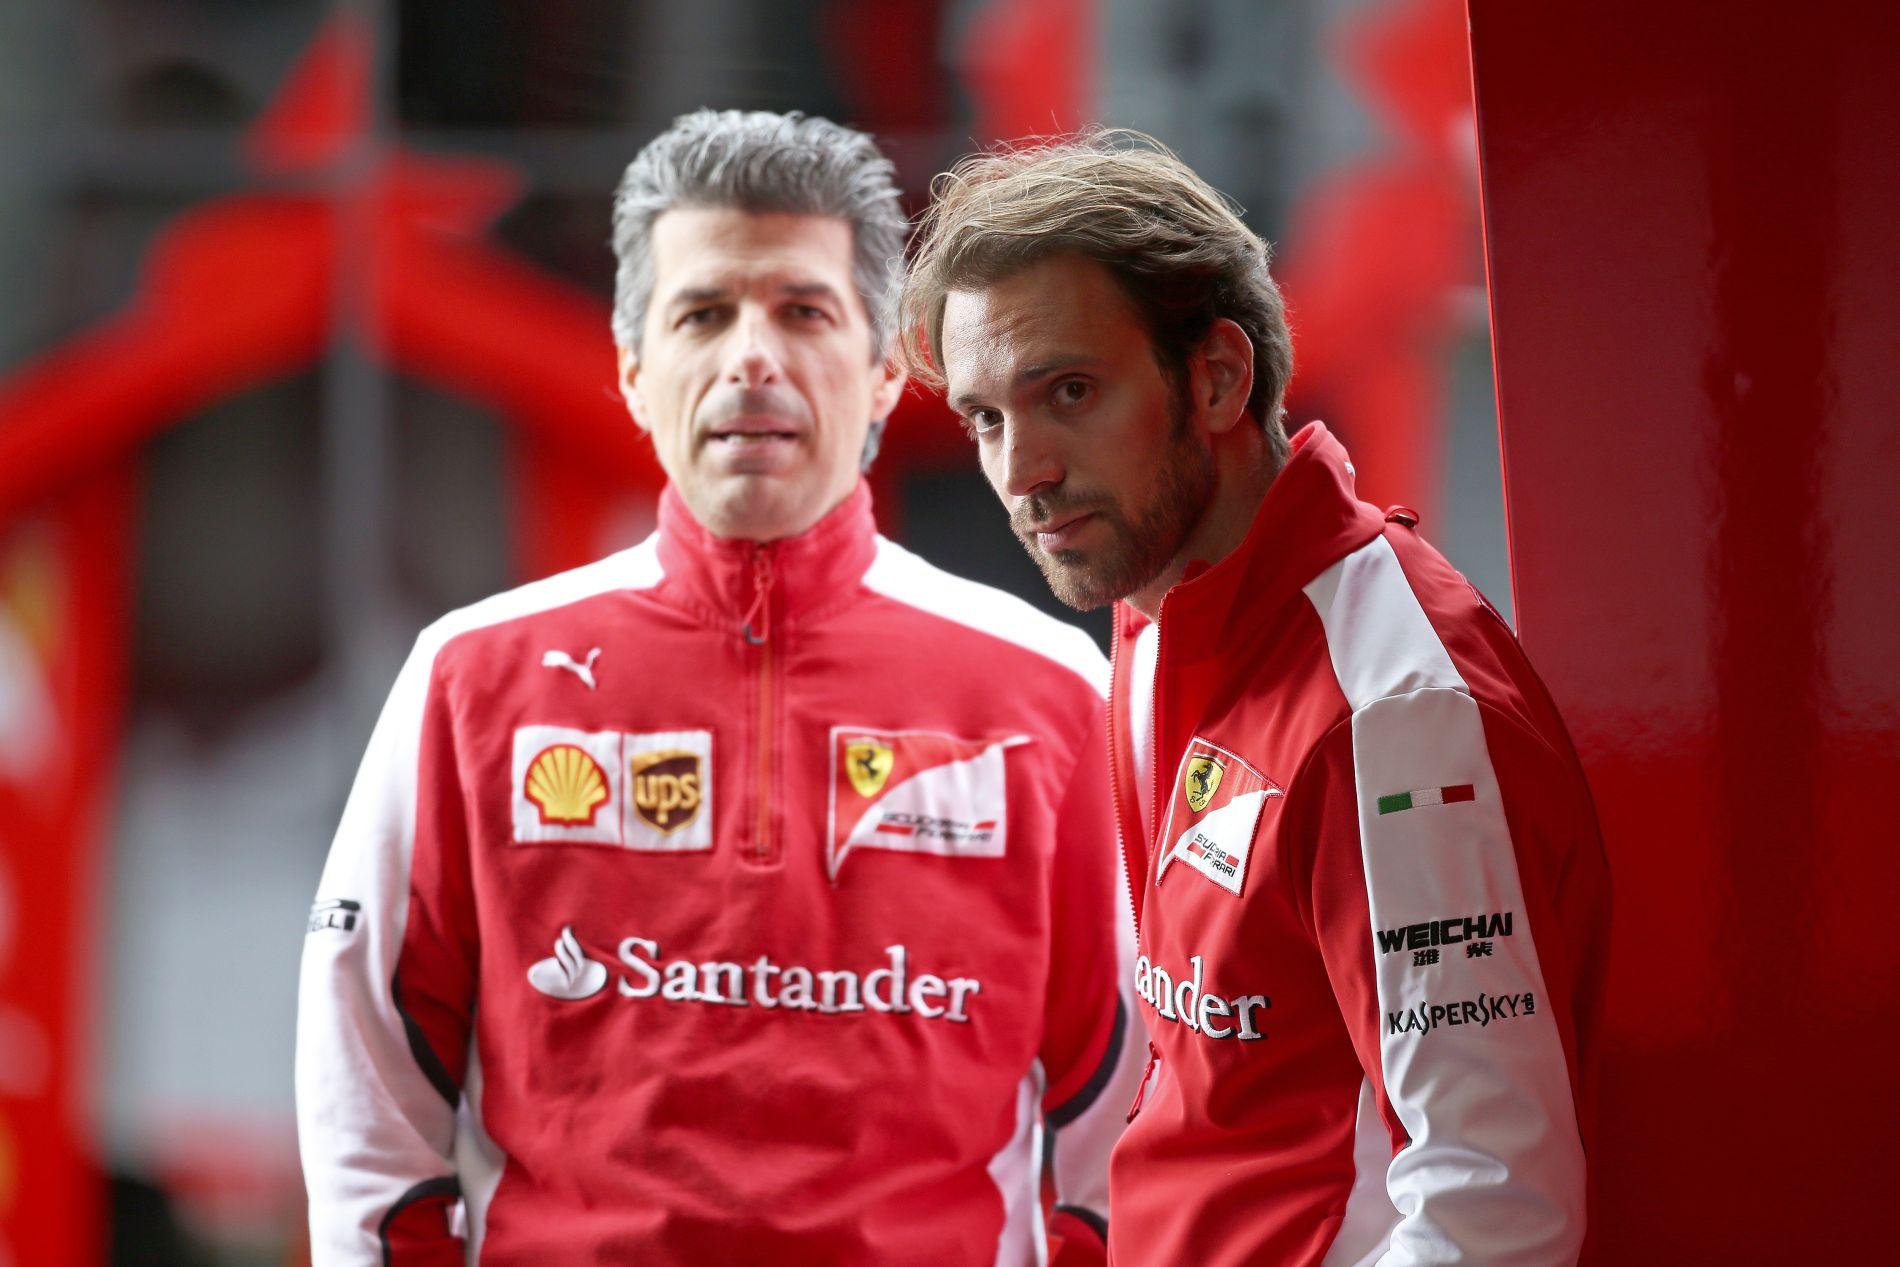 Vergne úgy érzi, jó esélyekkel indul a Haas egyik üléséért